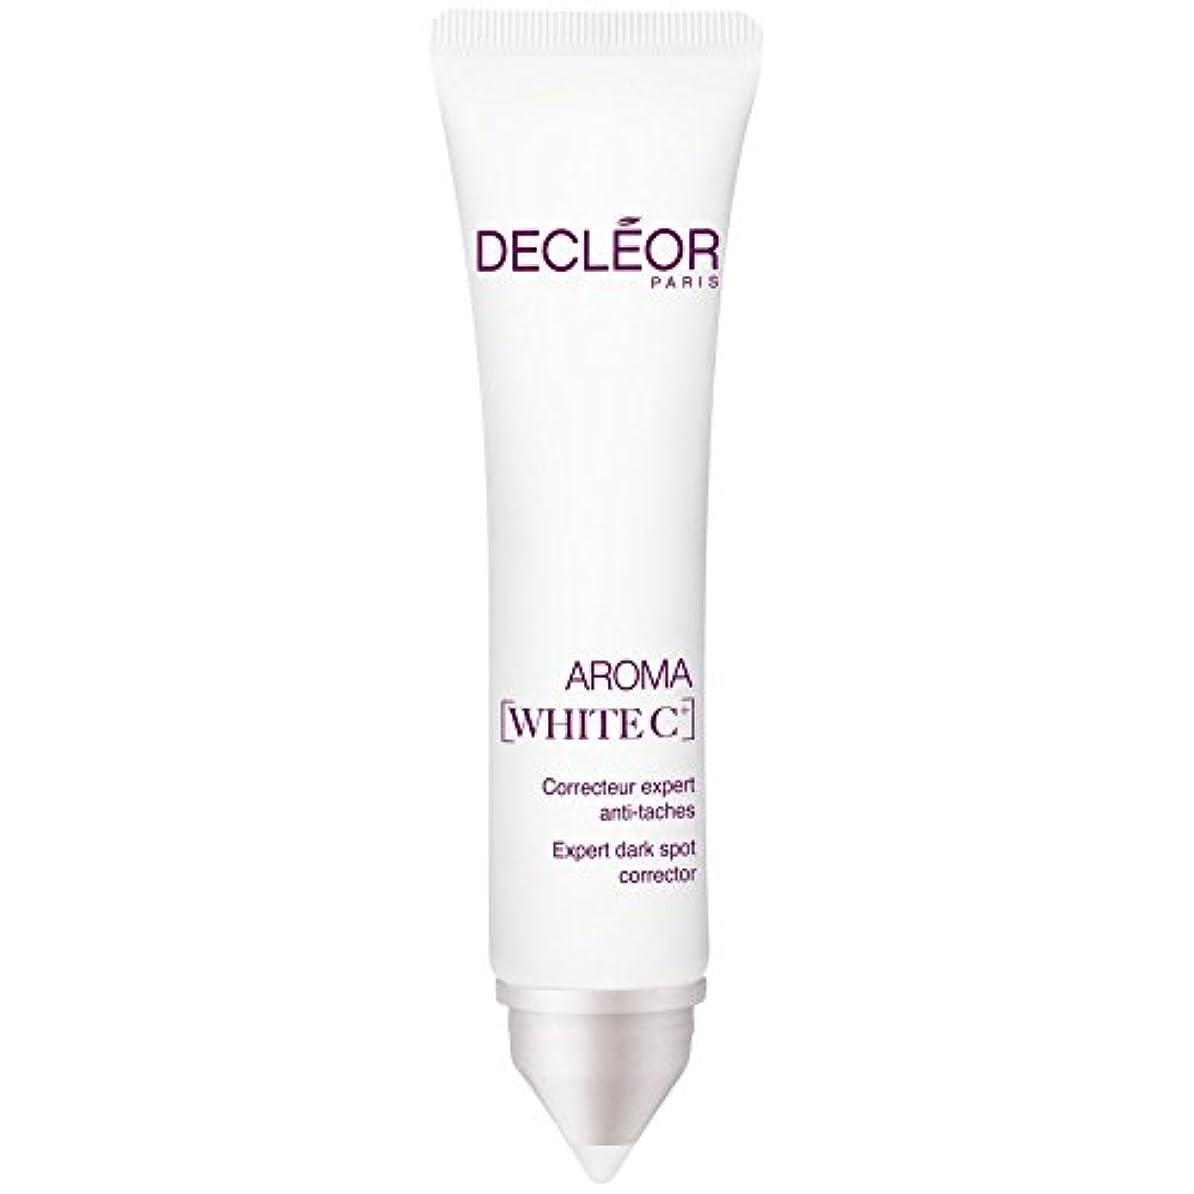 筋肉の甥定義する[Decl?or] デクレオールアロマホワイトC +専門ダークスポット補正15ミリリットル - Decl?or Aroma White C+Expert Dark Spot Corrector 15ml [並行輸入品]